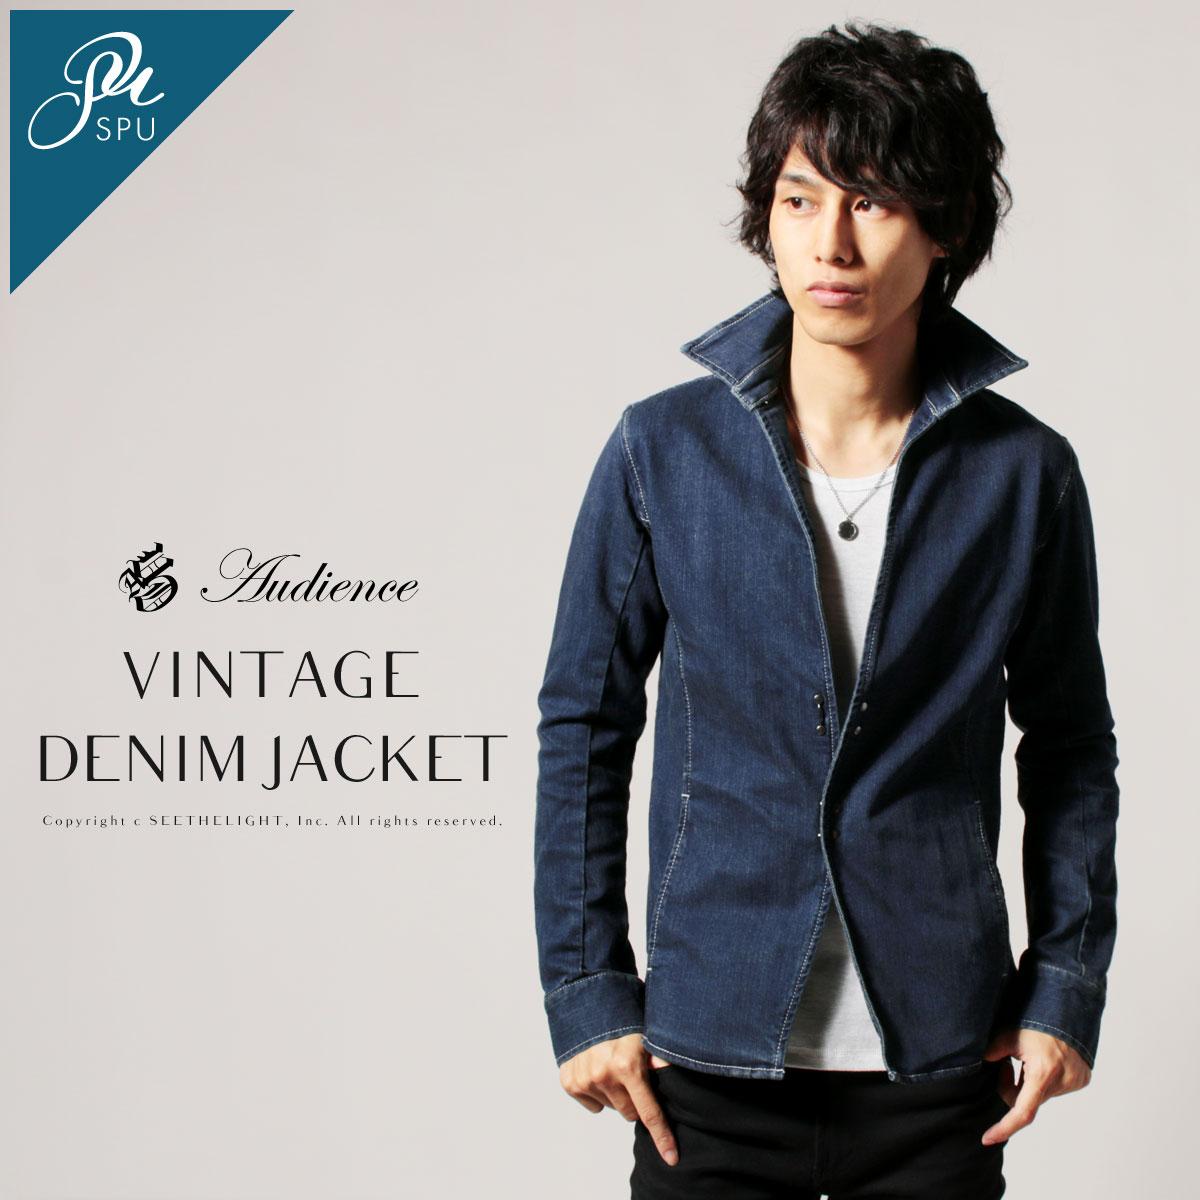 デニムジャケット メンズ ブランド ジャケット Gジャン シワ加工 ヴィンテージ ウォッシュ デニム ジャケット Audience オーディエンス AUD2290